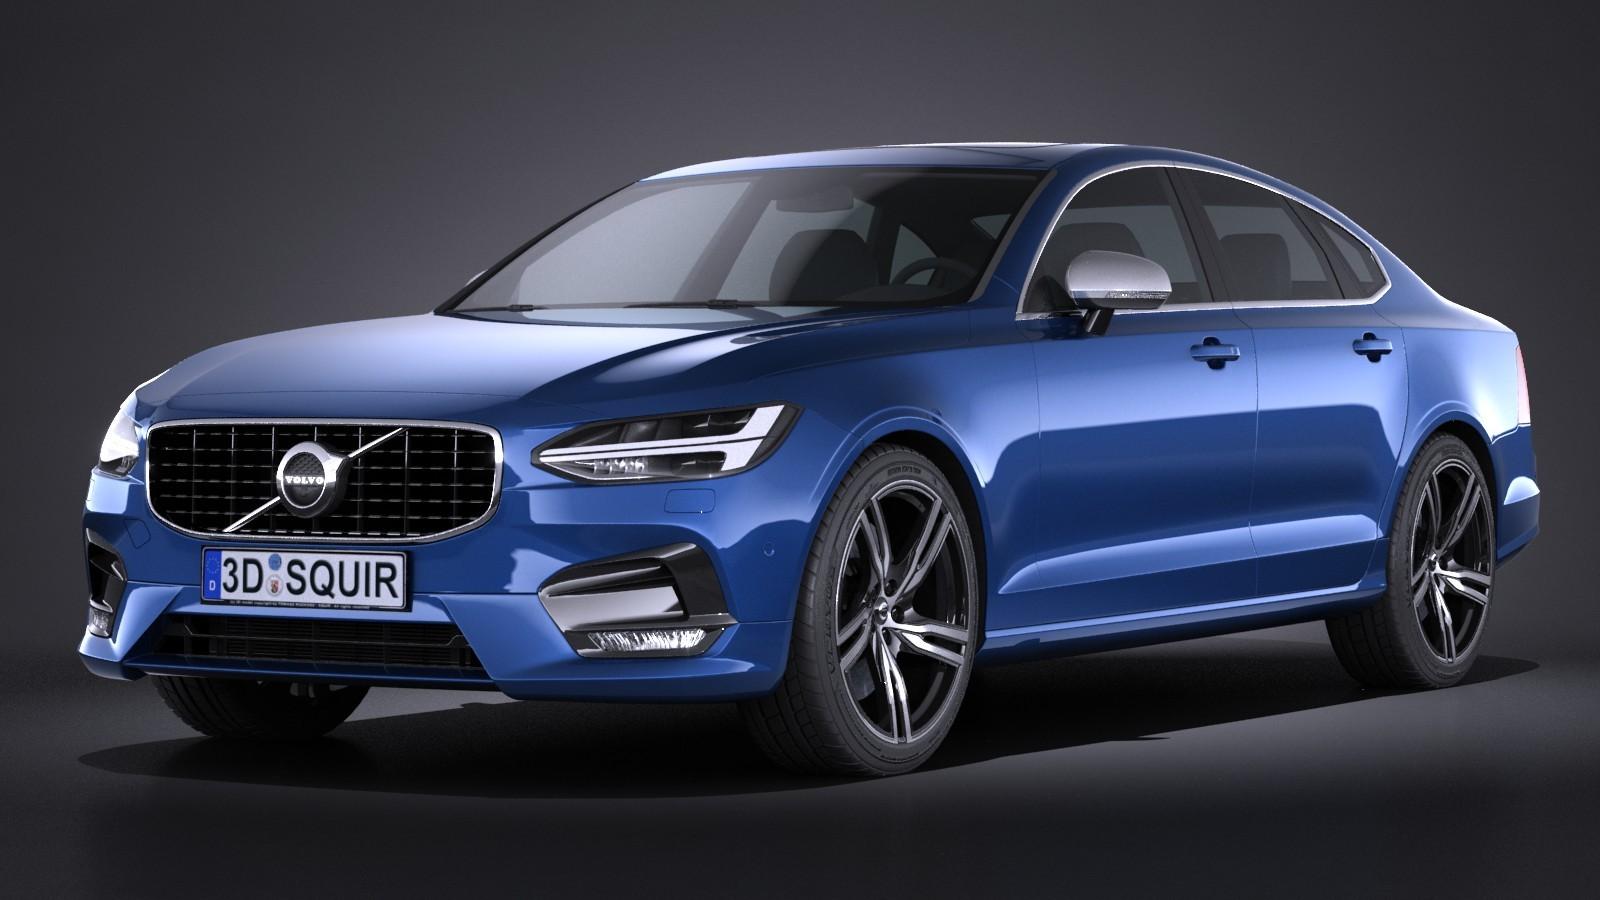 Volvo S90 R Design 2017